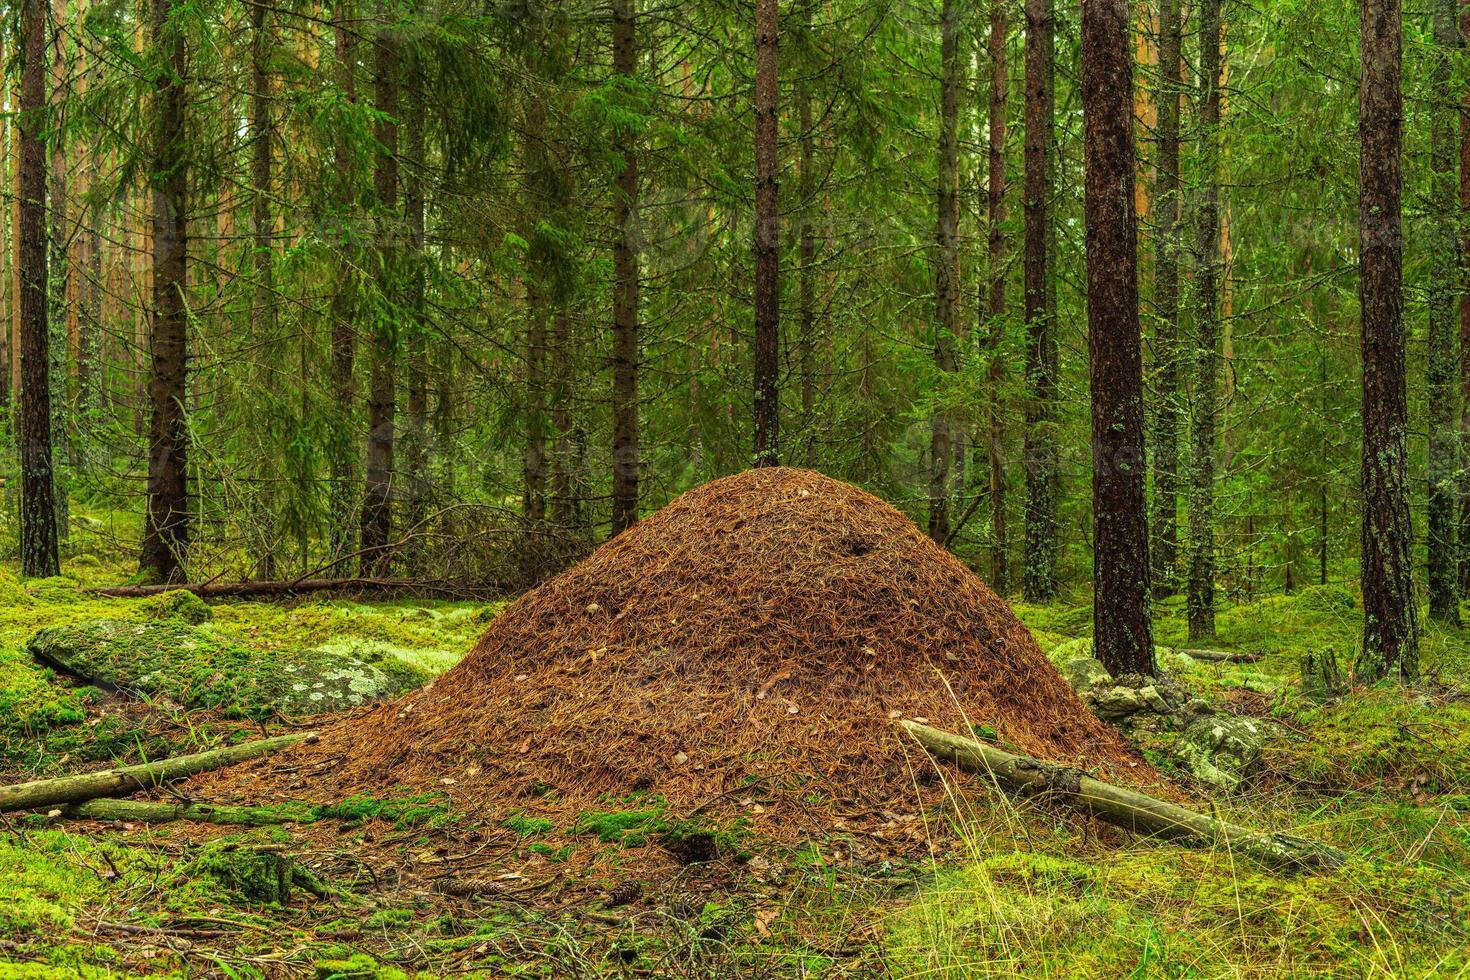 großer Ameisenhaufen in einem Tannen- und Kiefernwald foto